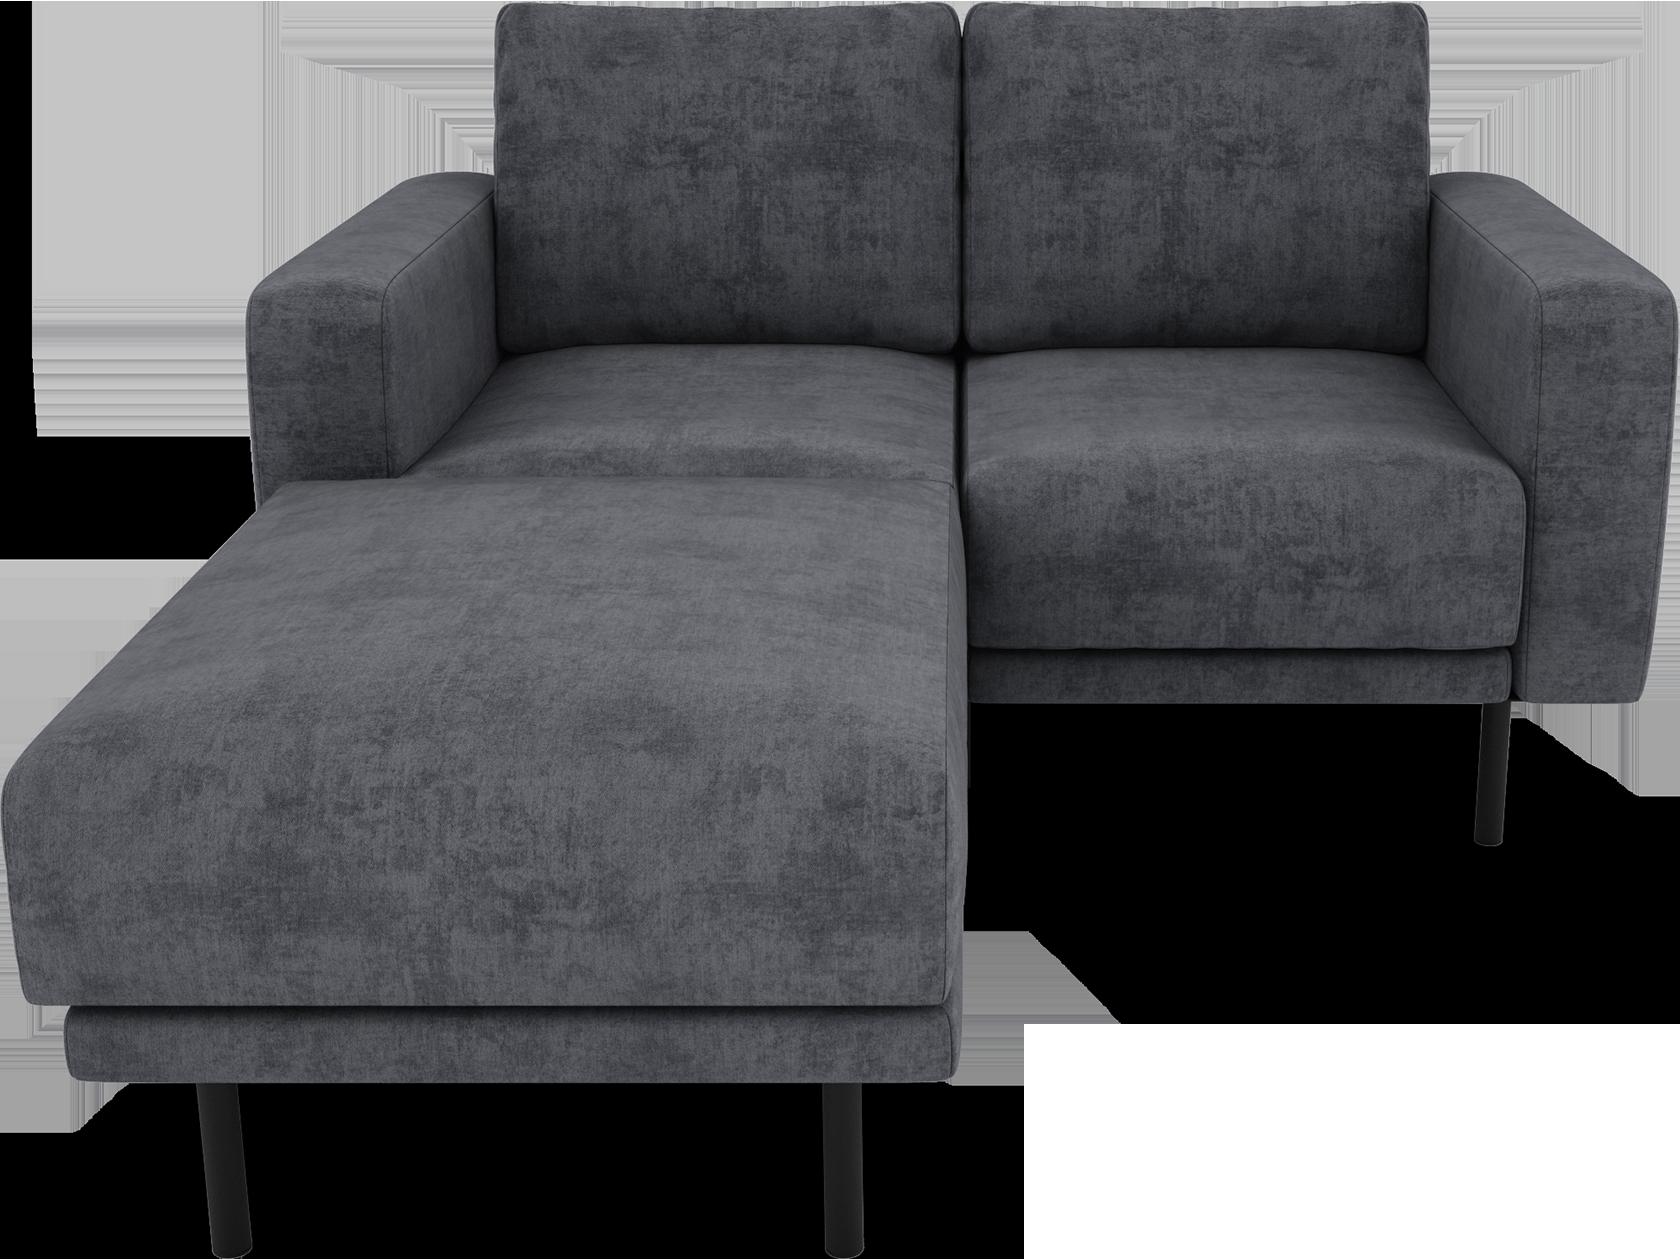 Full Size of Zweisitzer Sofa Mette Sofas Onlineshop Rotes Hersteller Arten überzug Canape Eck Big Xxl Ikea Mit Schlaffunktion 2 Sitzer Vitra Hocker Chesterfield Gebraucht Sofa Zweisitzer Sofa